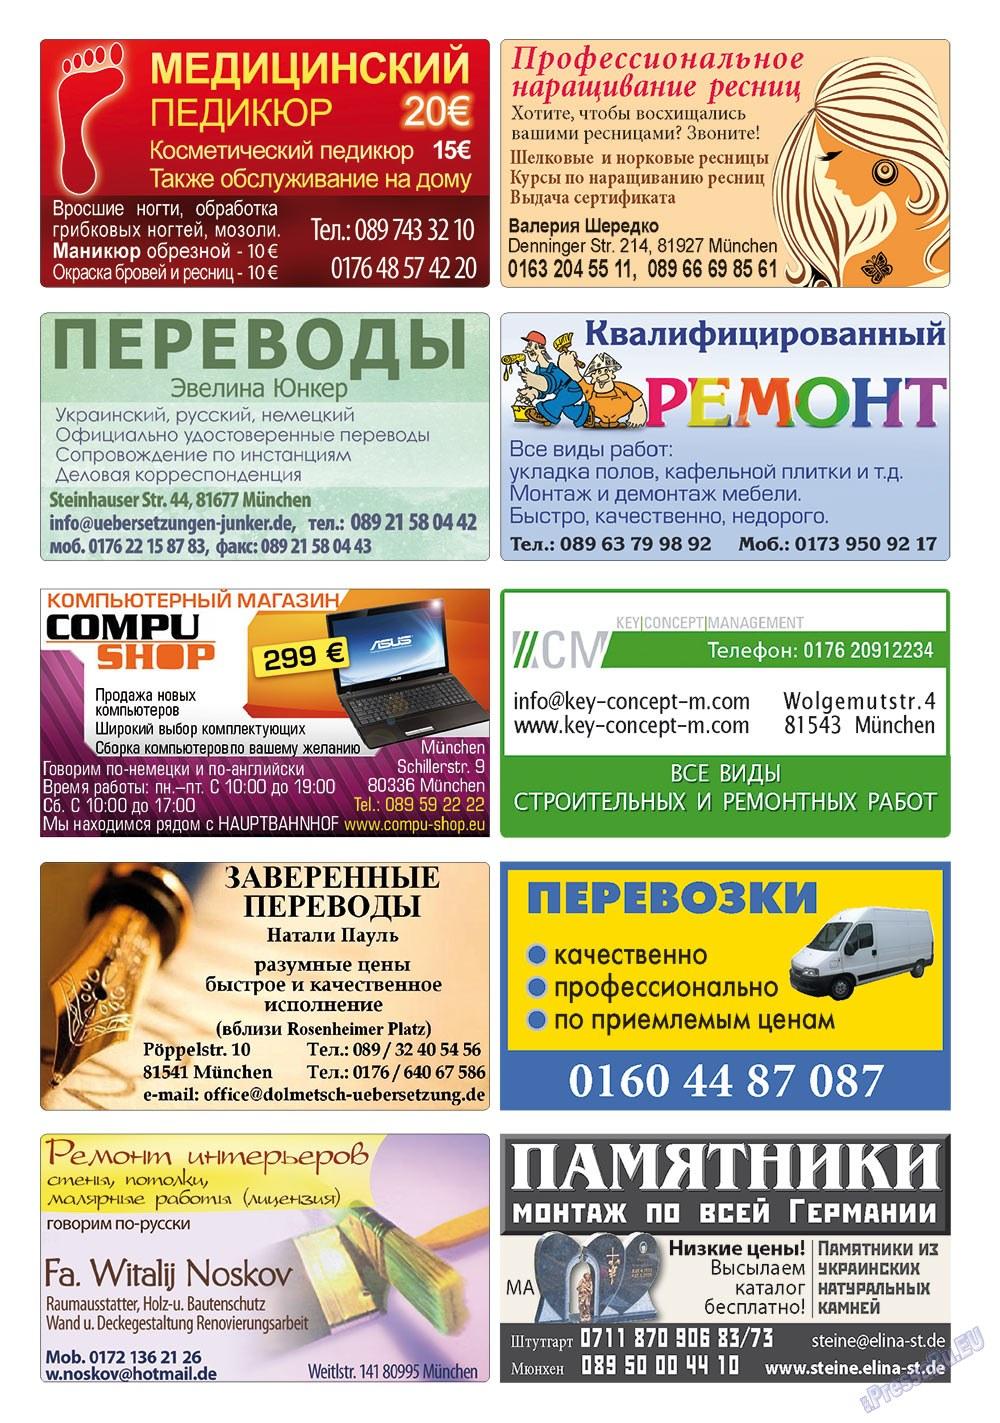 Апельсин (журнал). 2011 год, номер 29, стр. 37